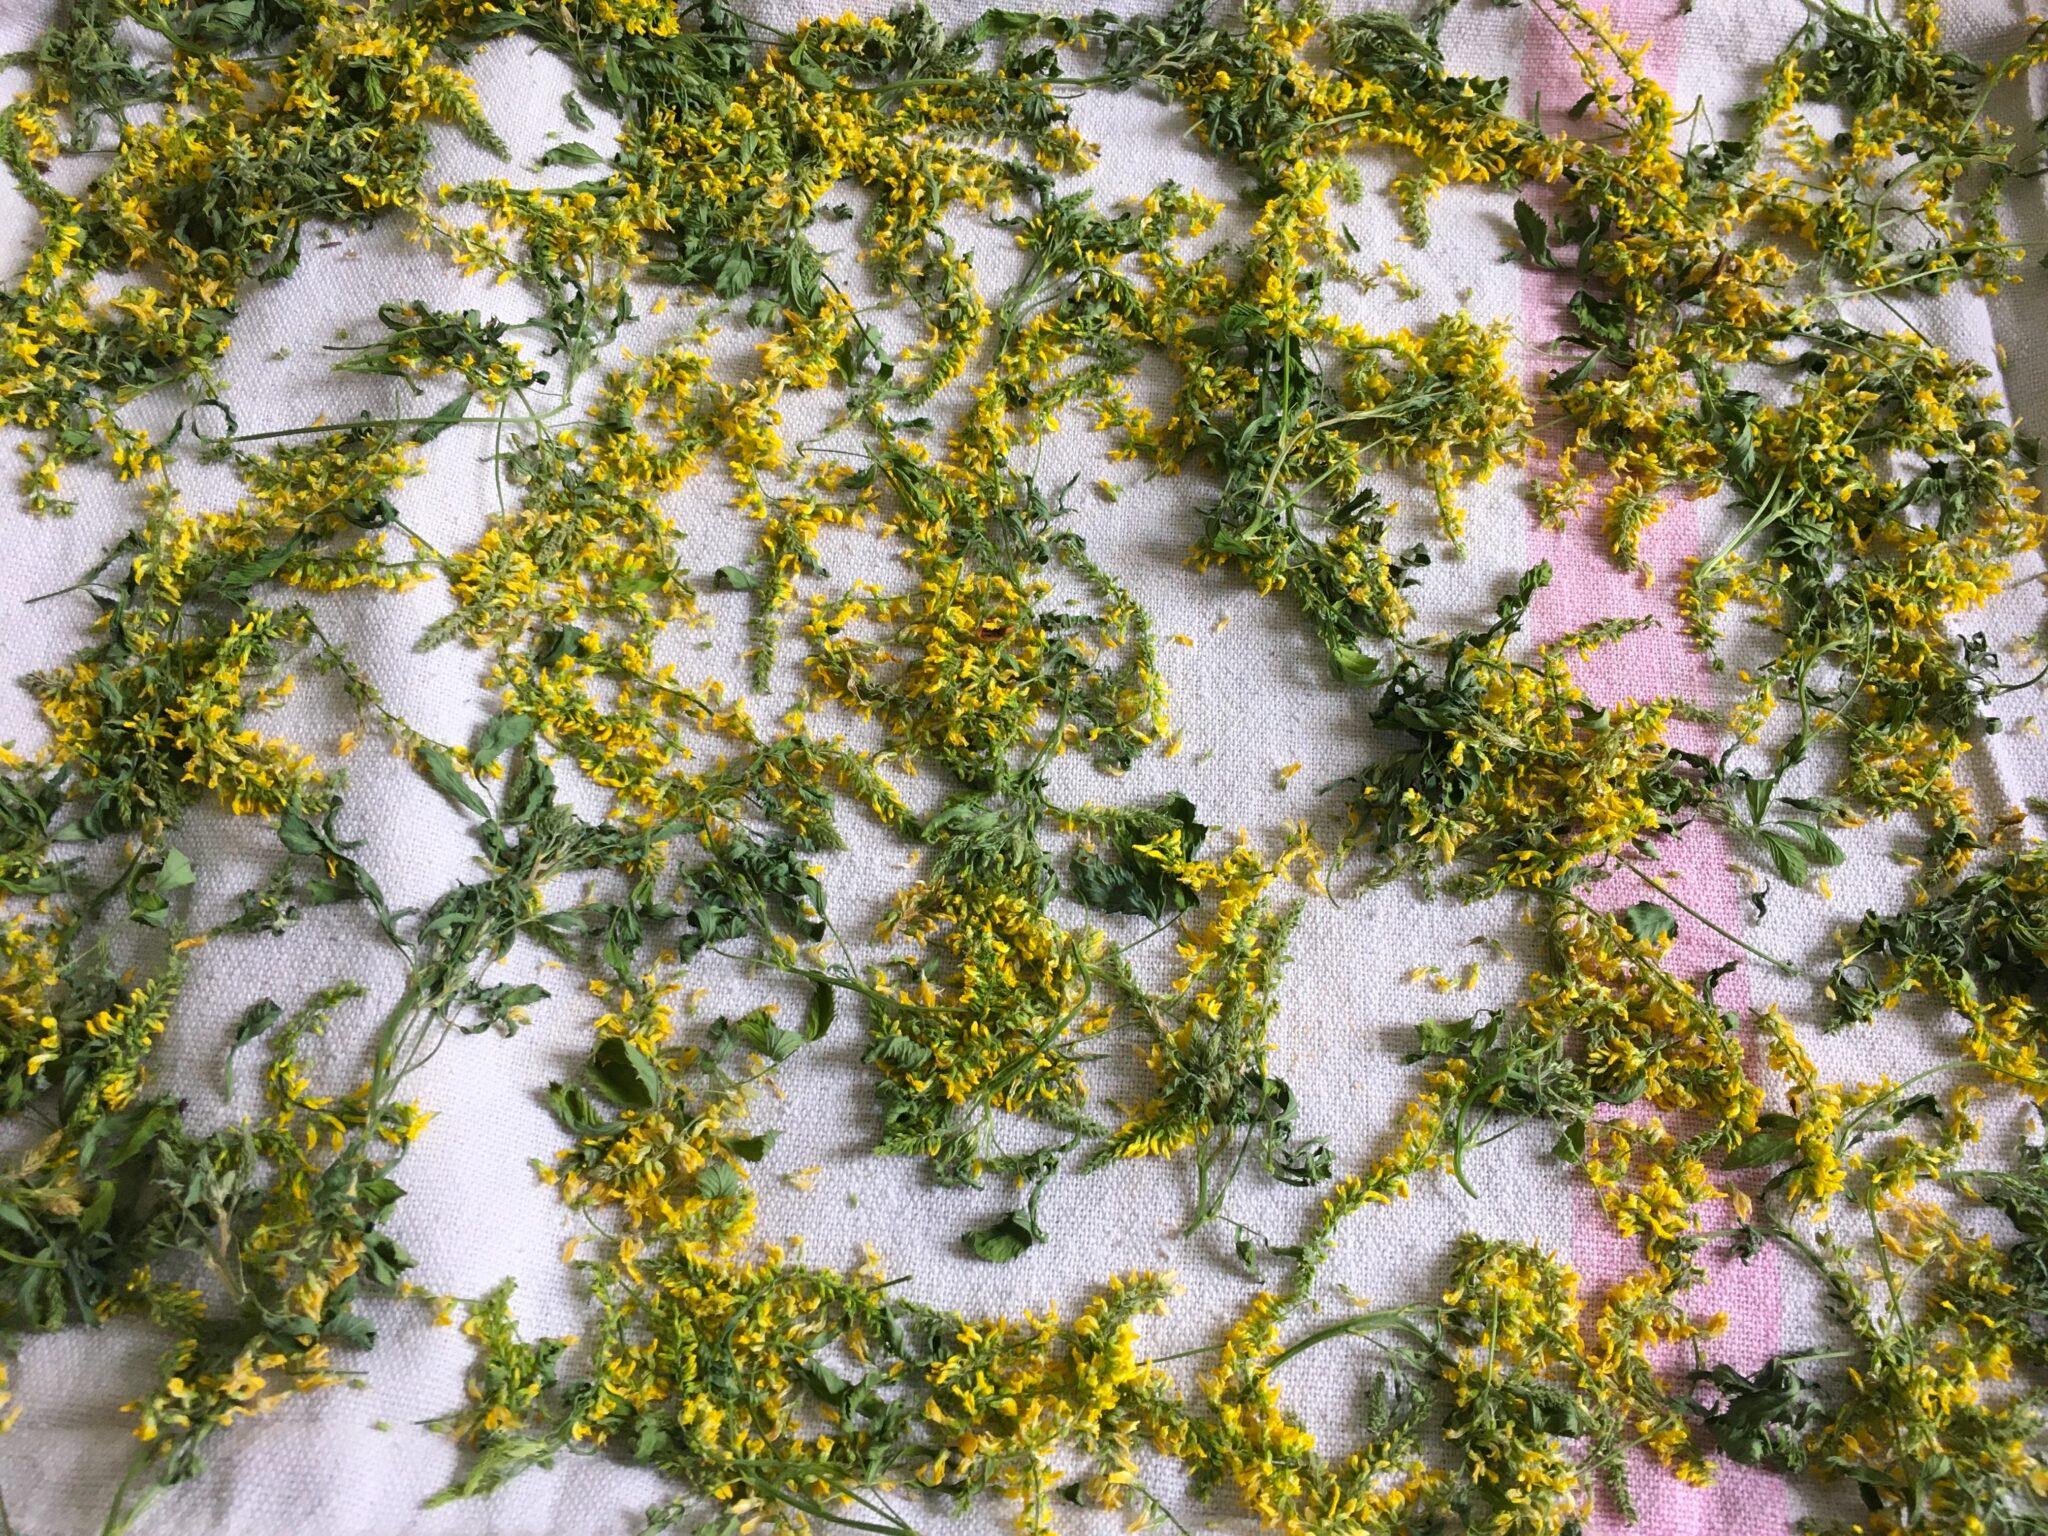 Séchage des feuilles et fleurs